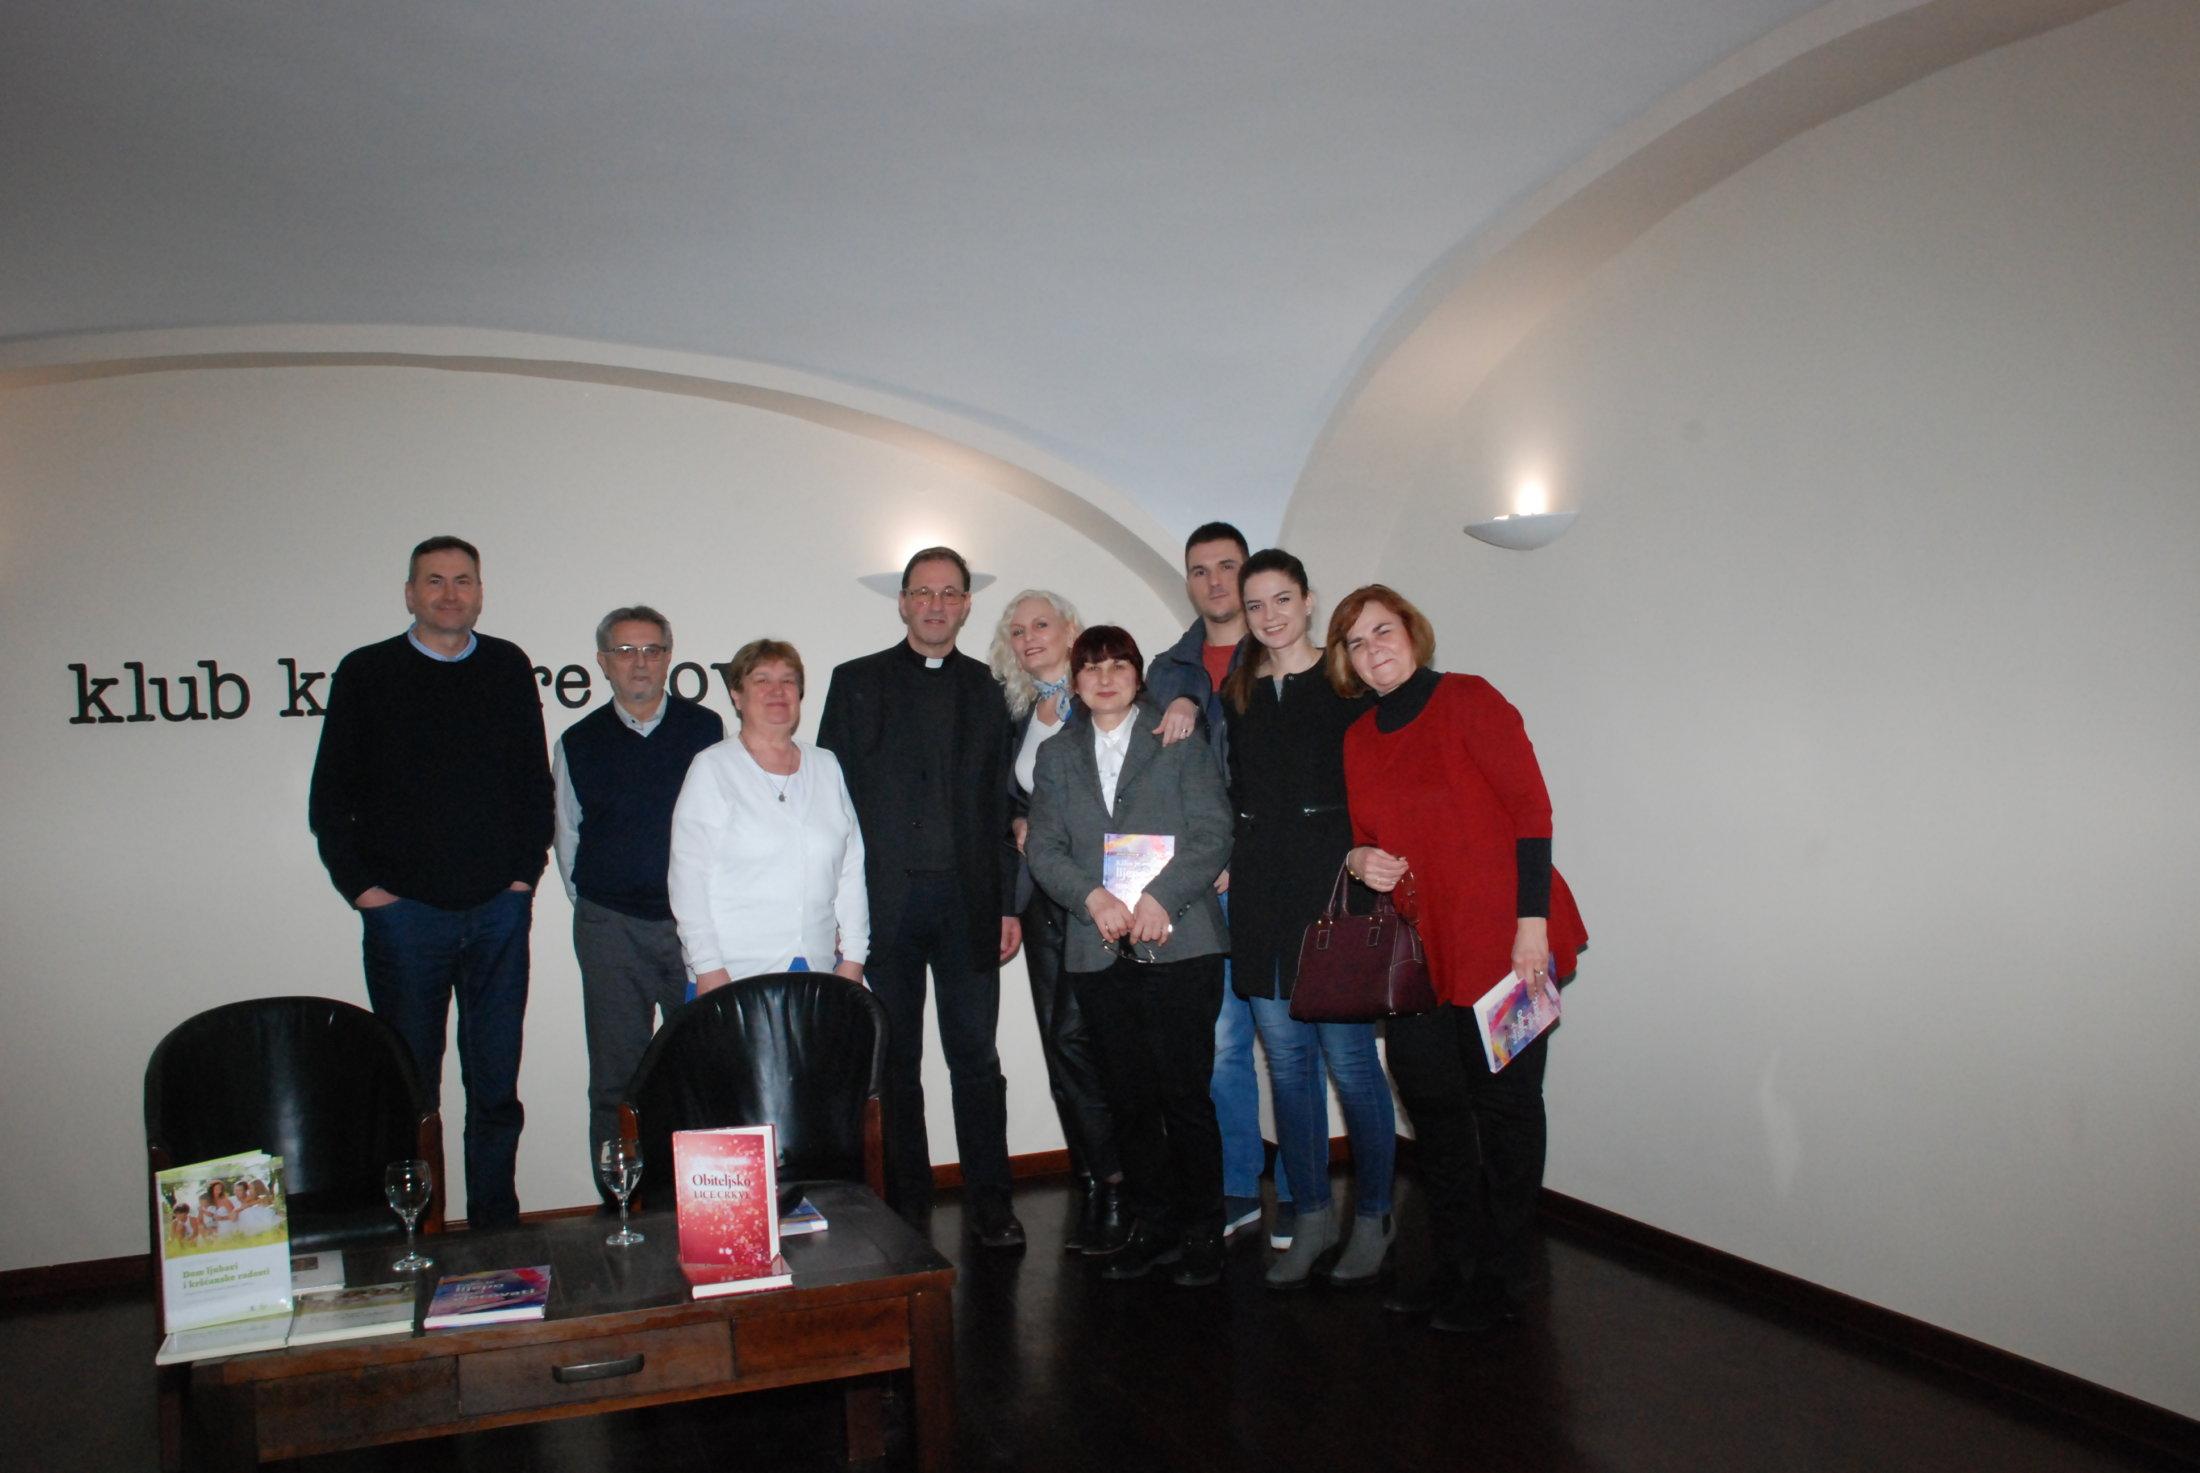 UKI-jevo Zajedništvo Sa Gostom A.Tamarutom Nakon Susreta U Osijeku,3.3.20.